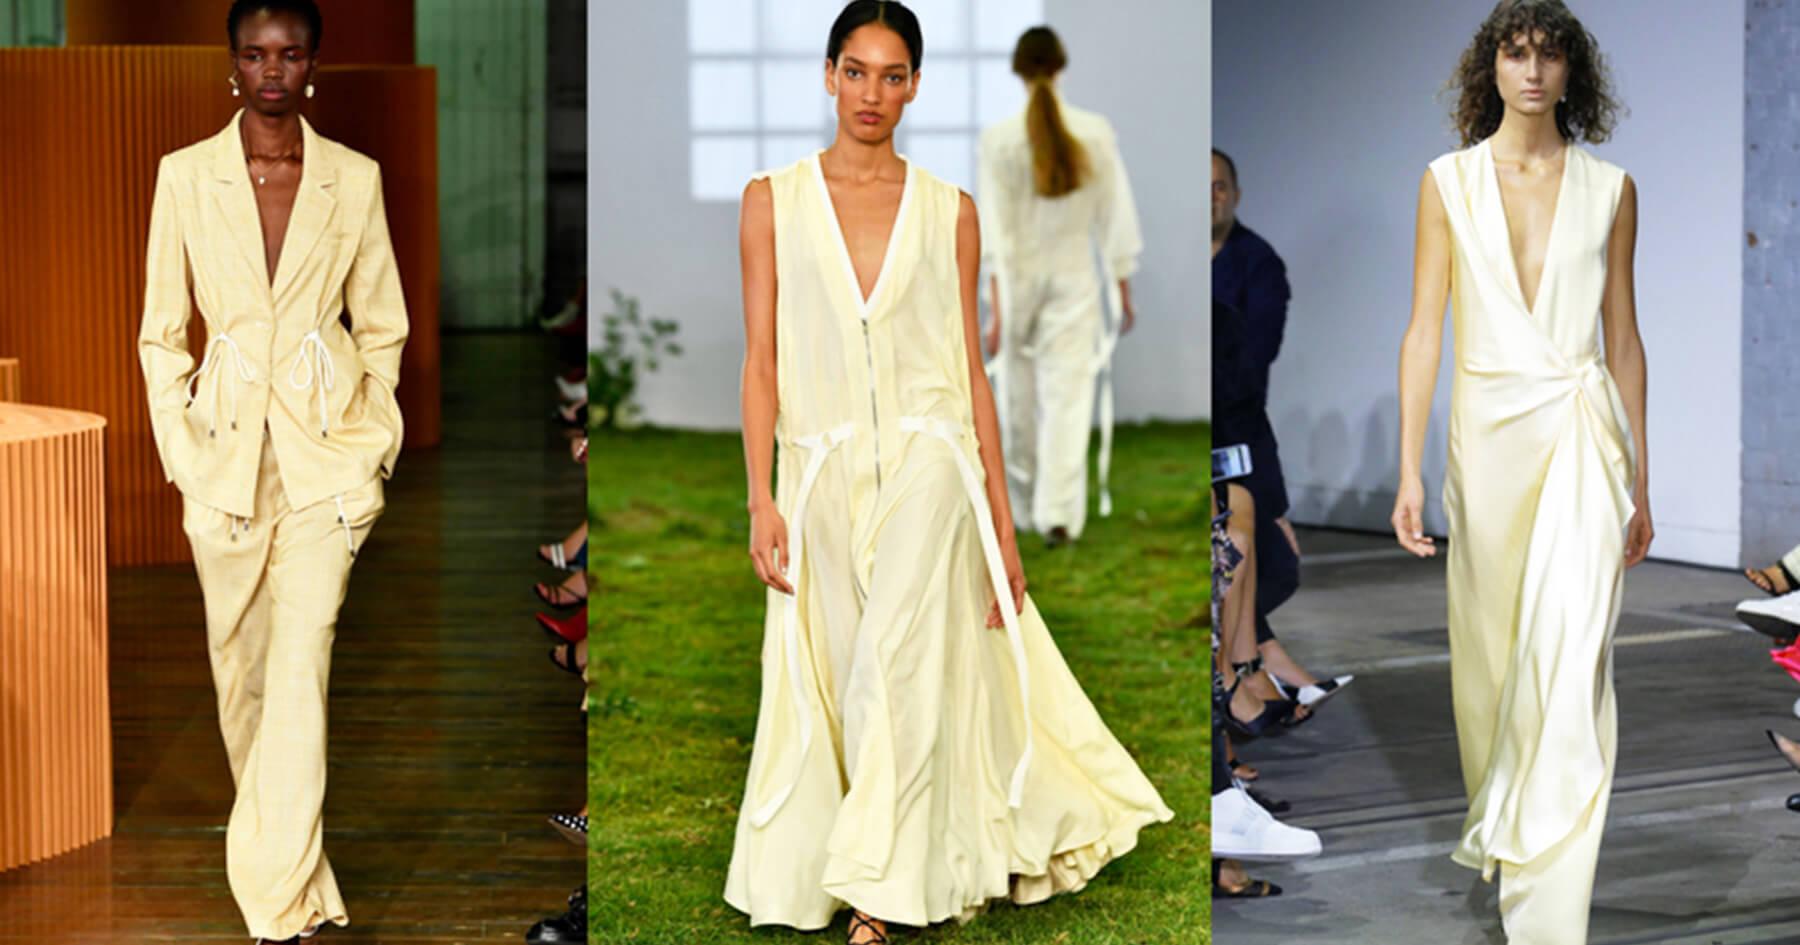 Vàng Buttermilk - Xu hướng sắc màu thời trang 2019